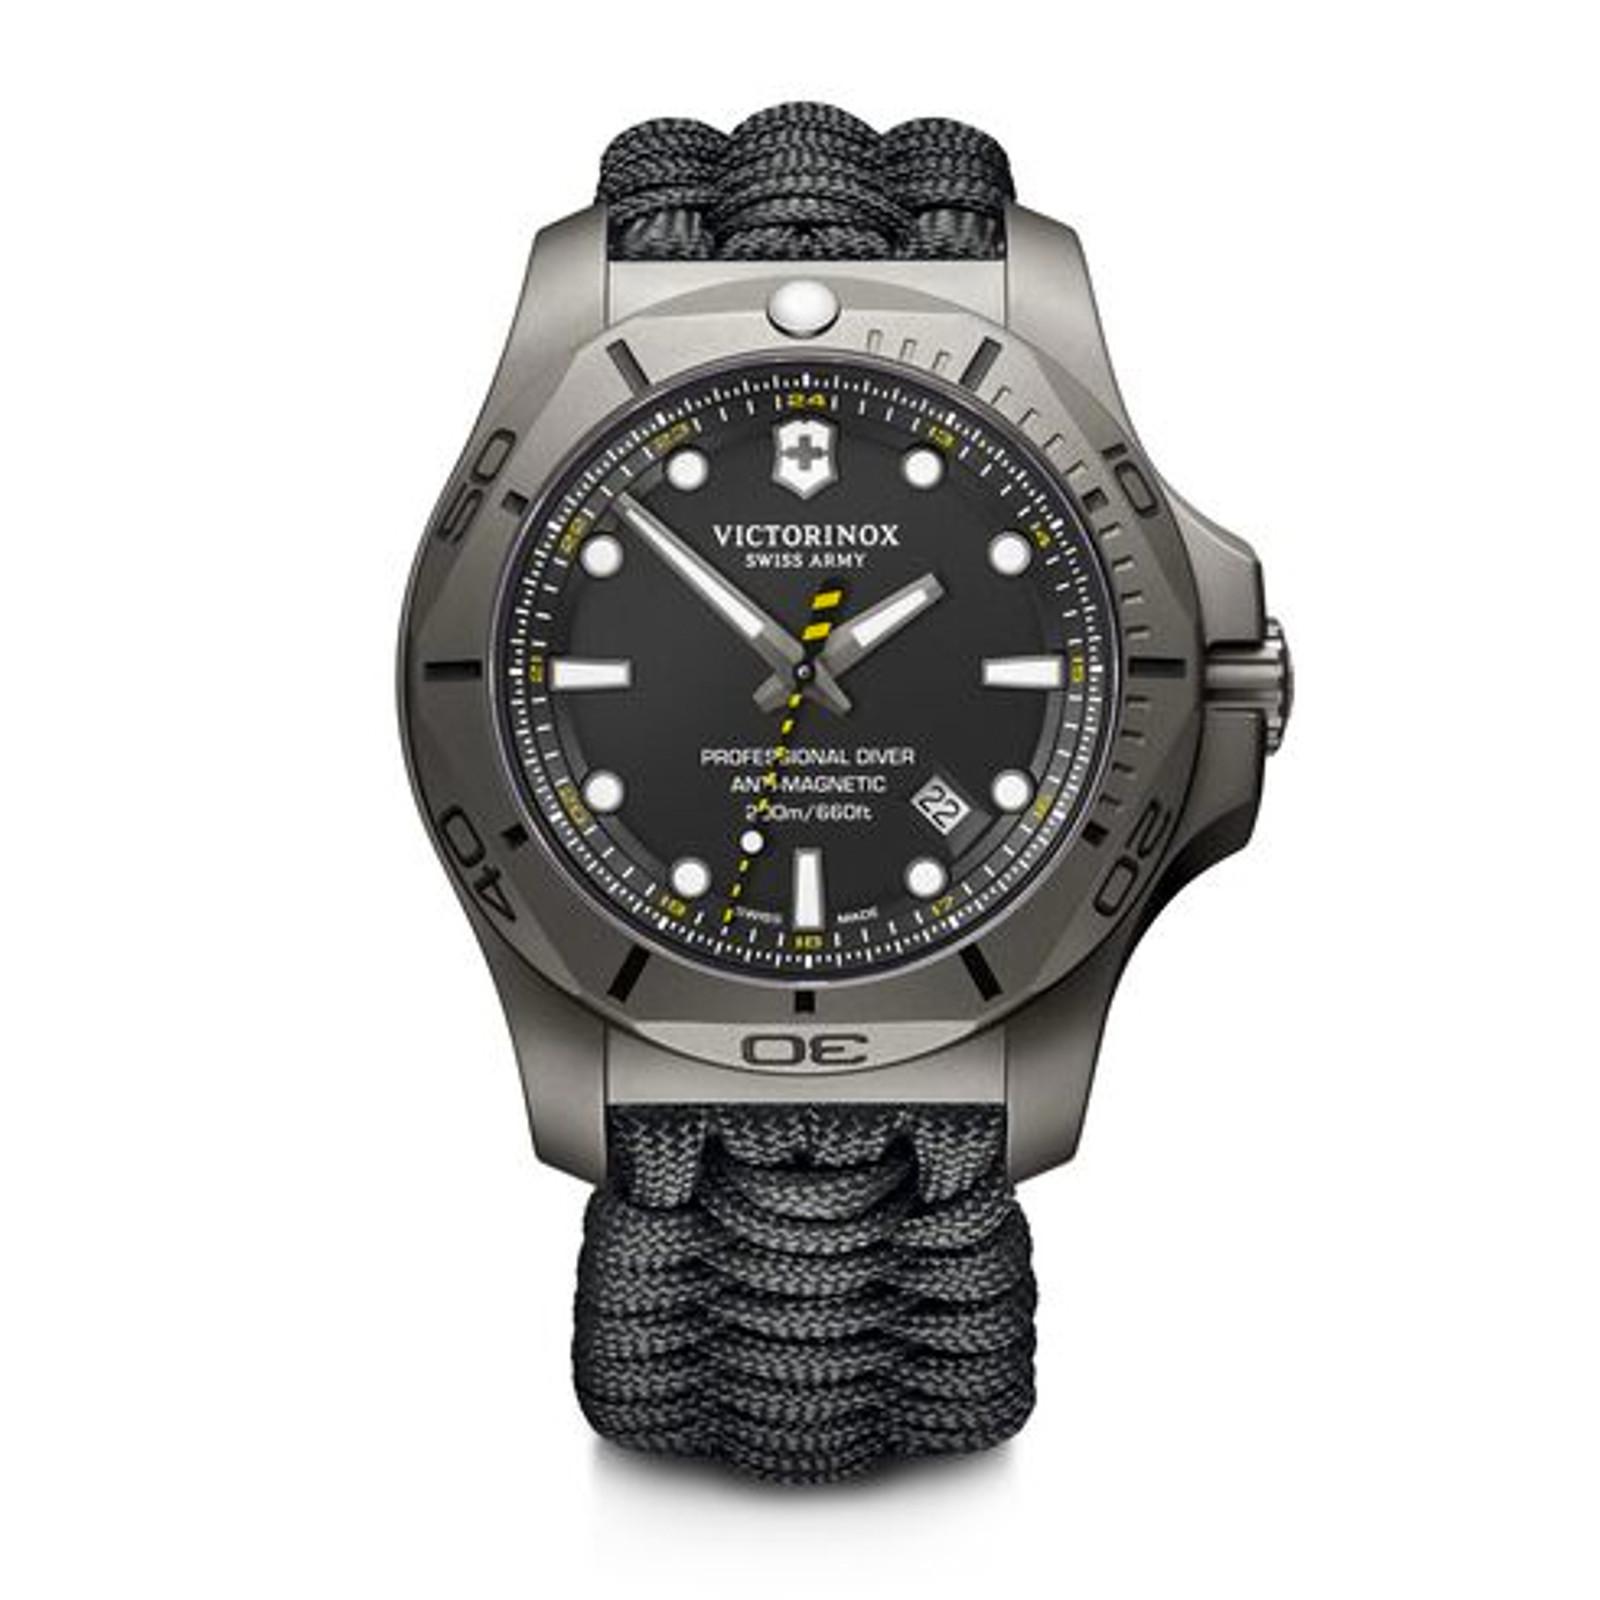 Victorinox INOX Professional Diver Titanium (241810)